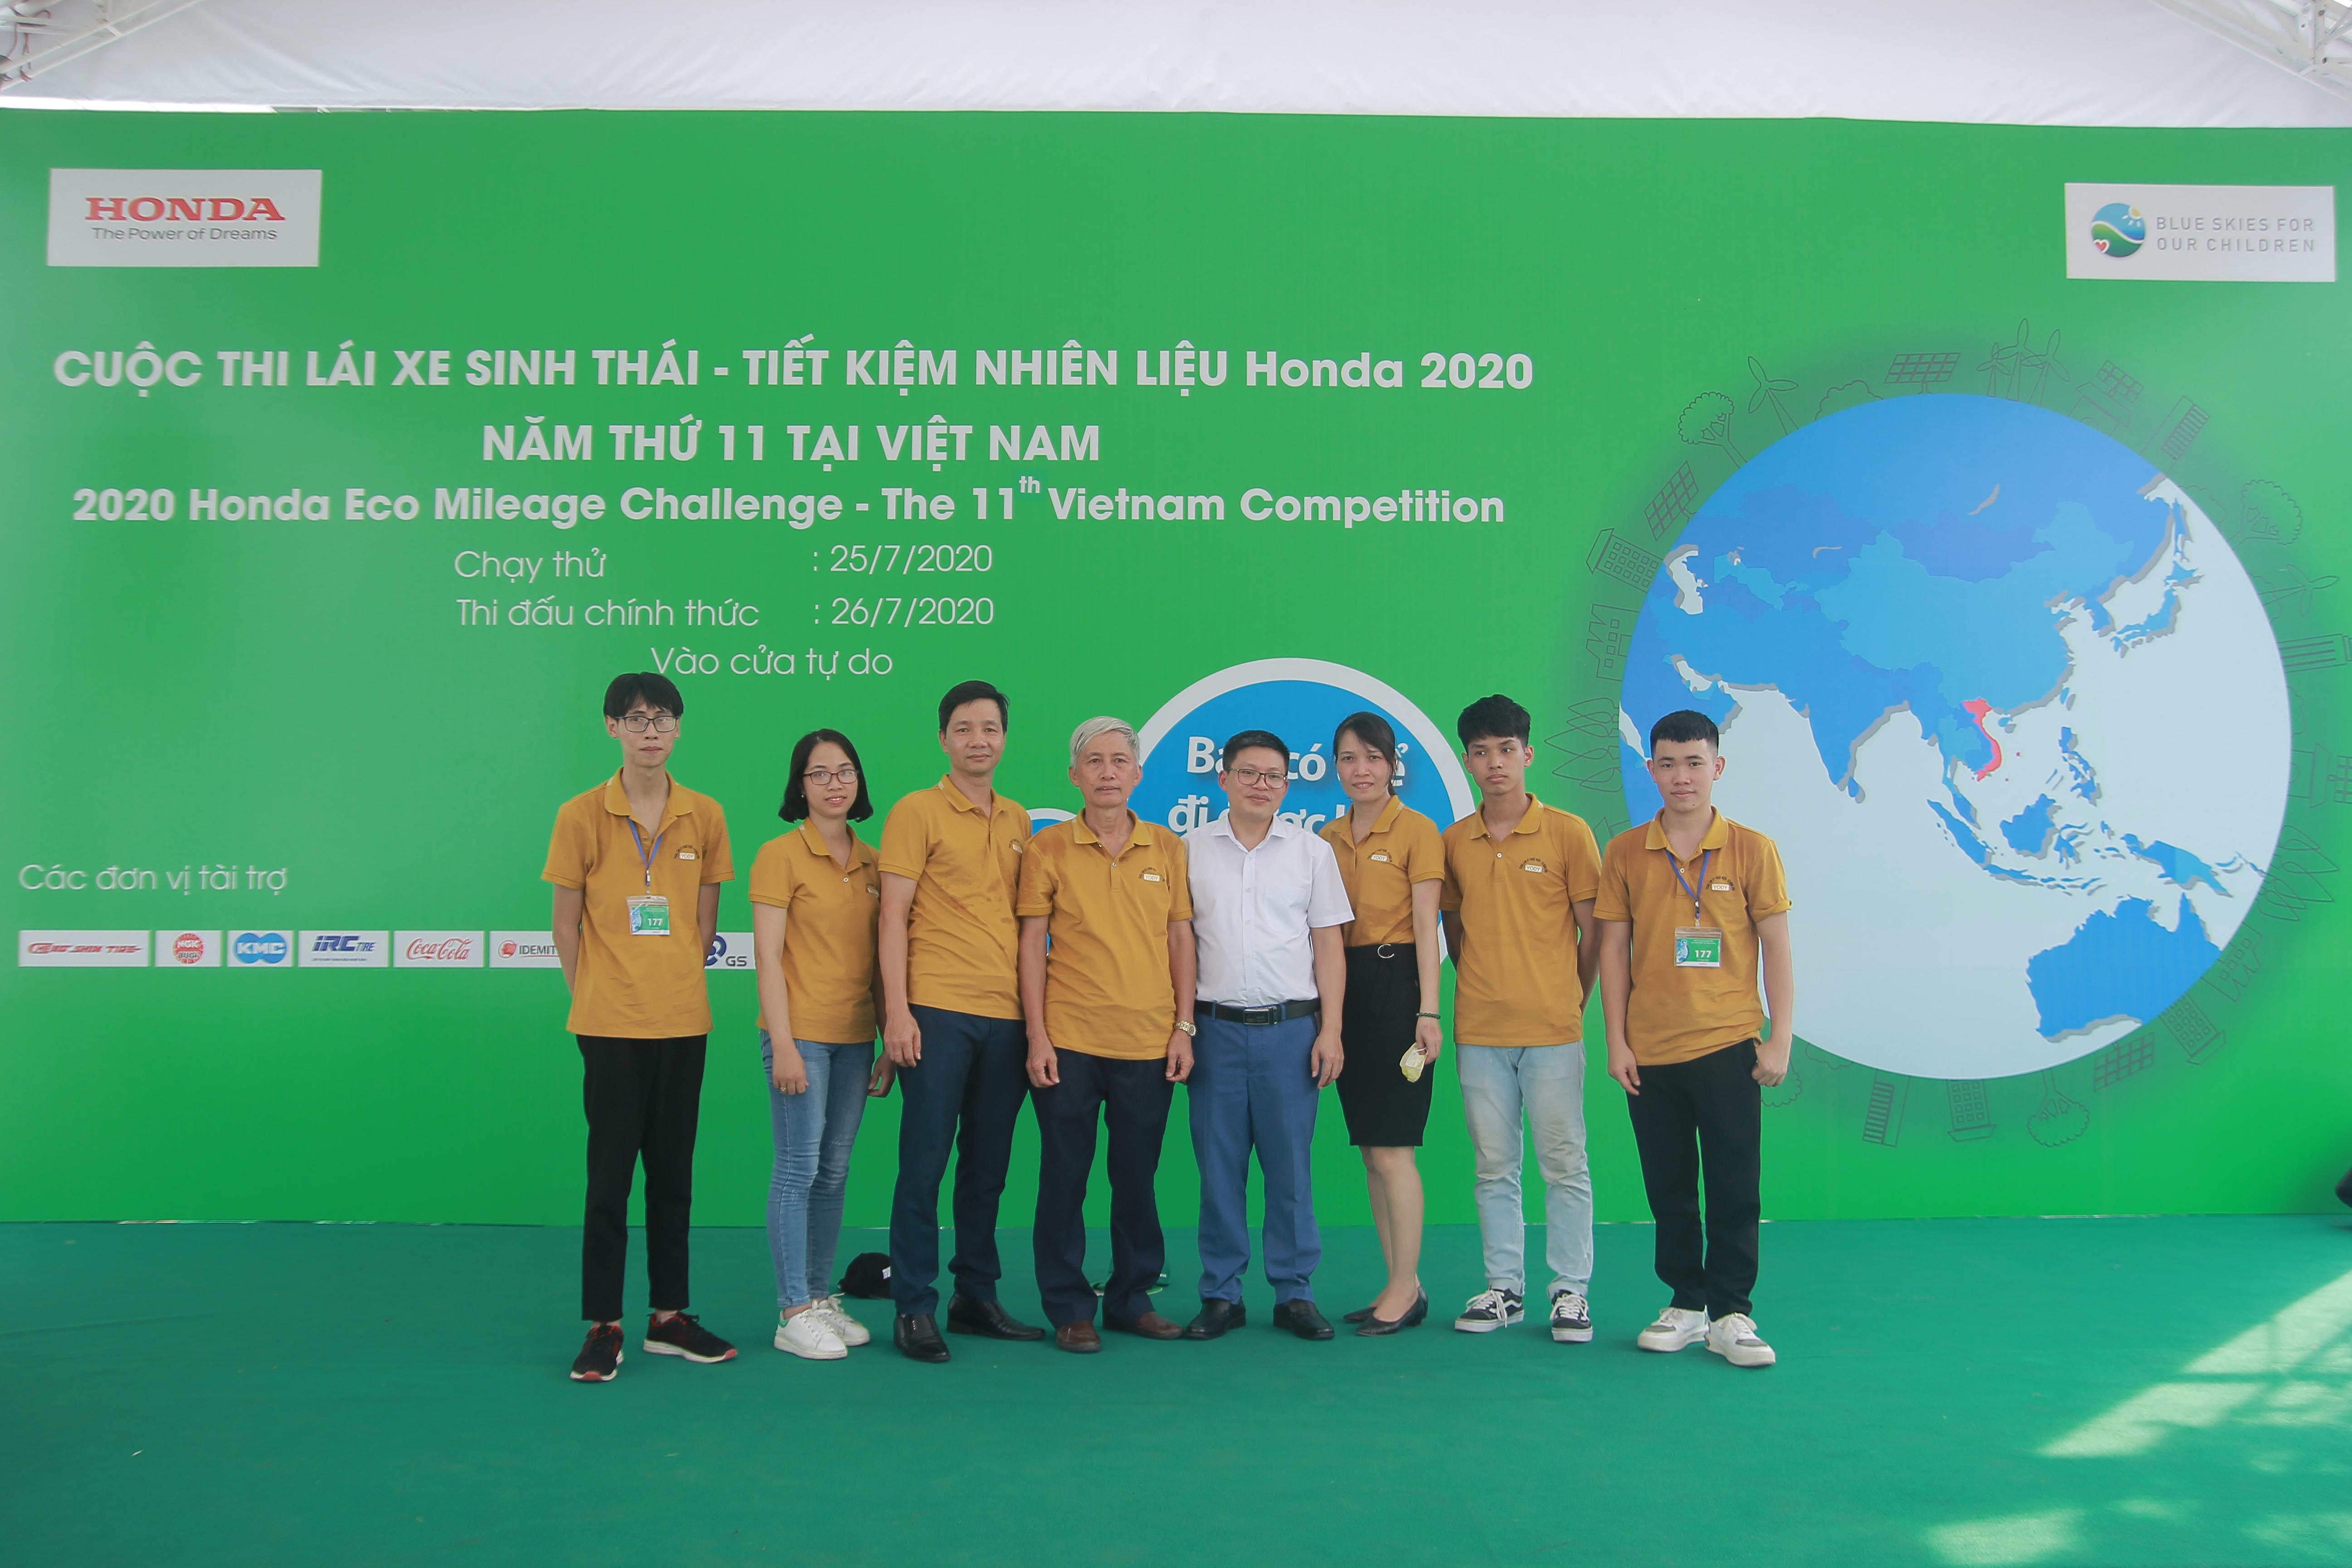 Sinh viên trường Đại học Công nghiệp Quảng Ninh tham gia cuộc thi Lái xe sinh thái - Tiết kiệm nhiên liệu